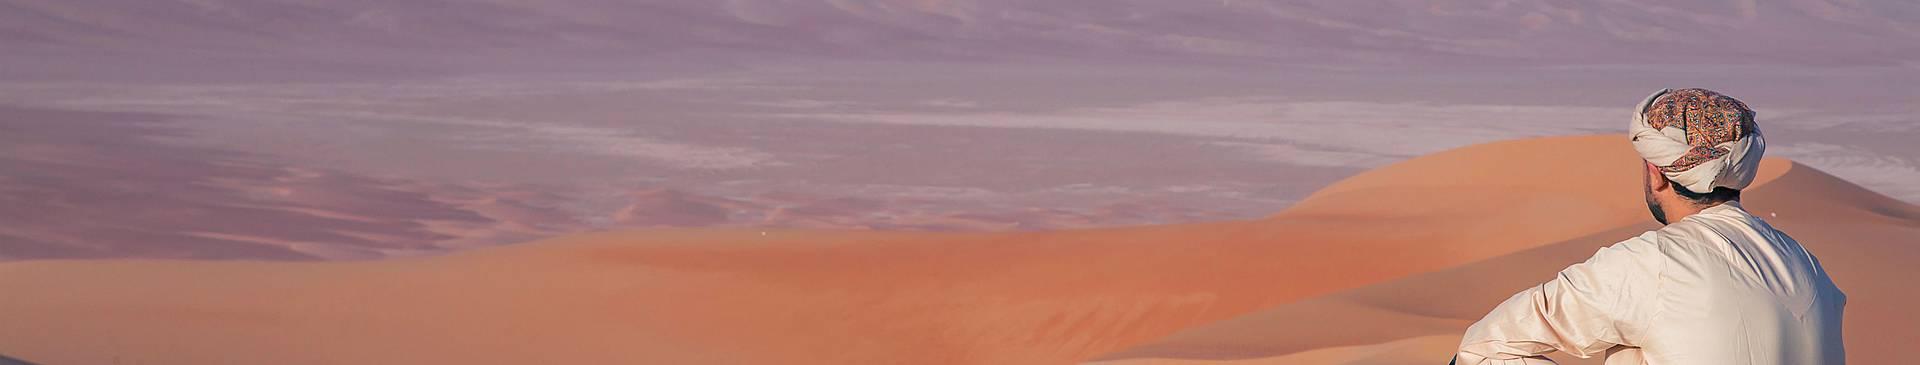 Wüstentour Oman